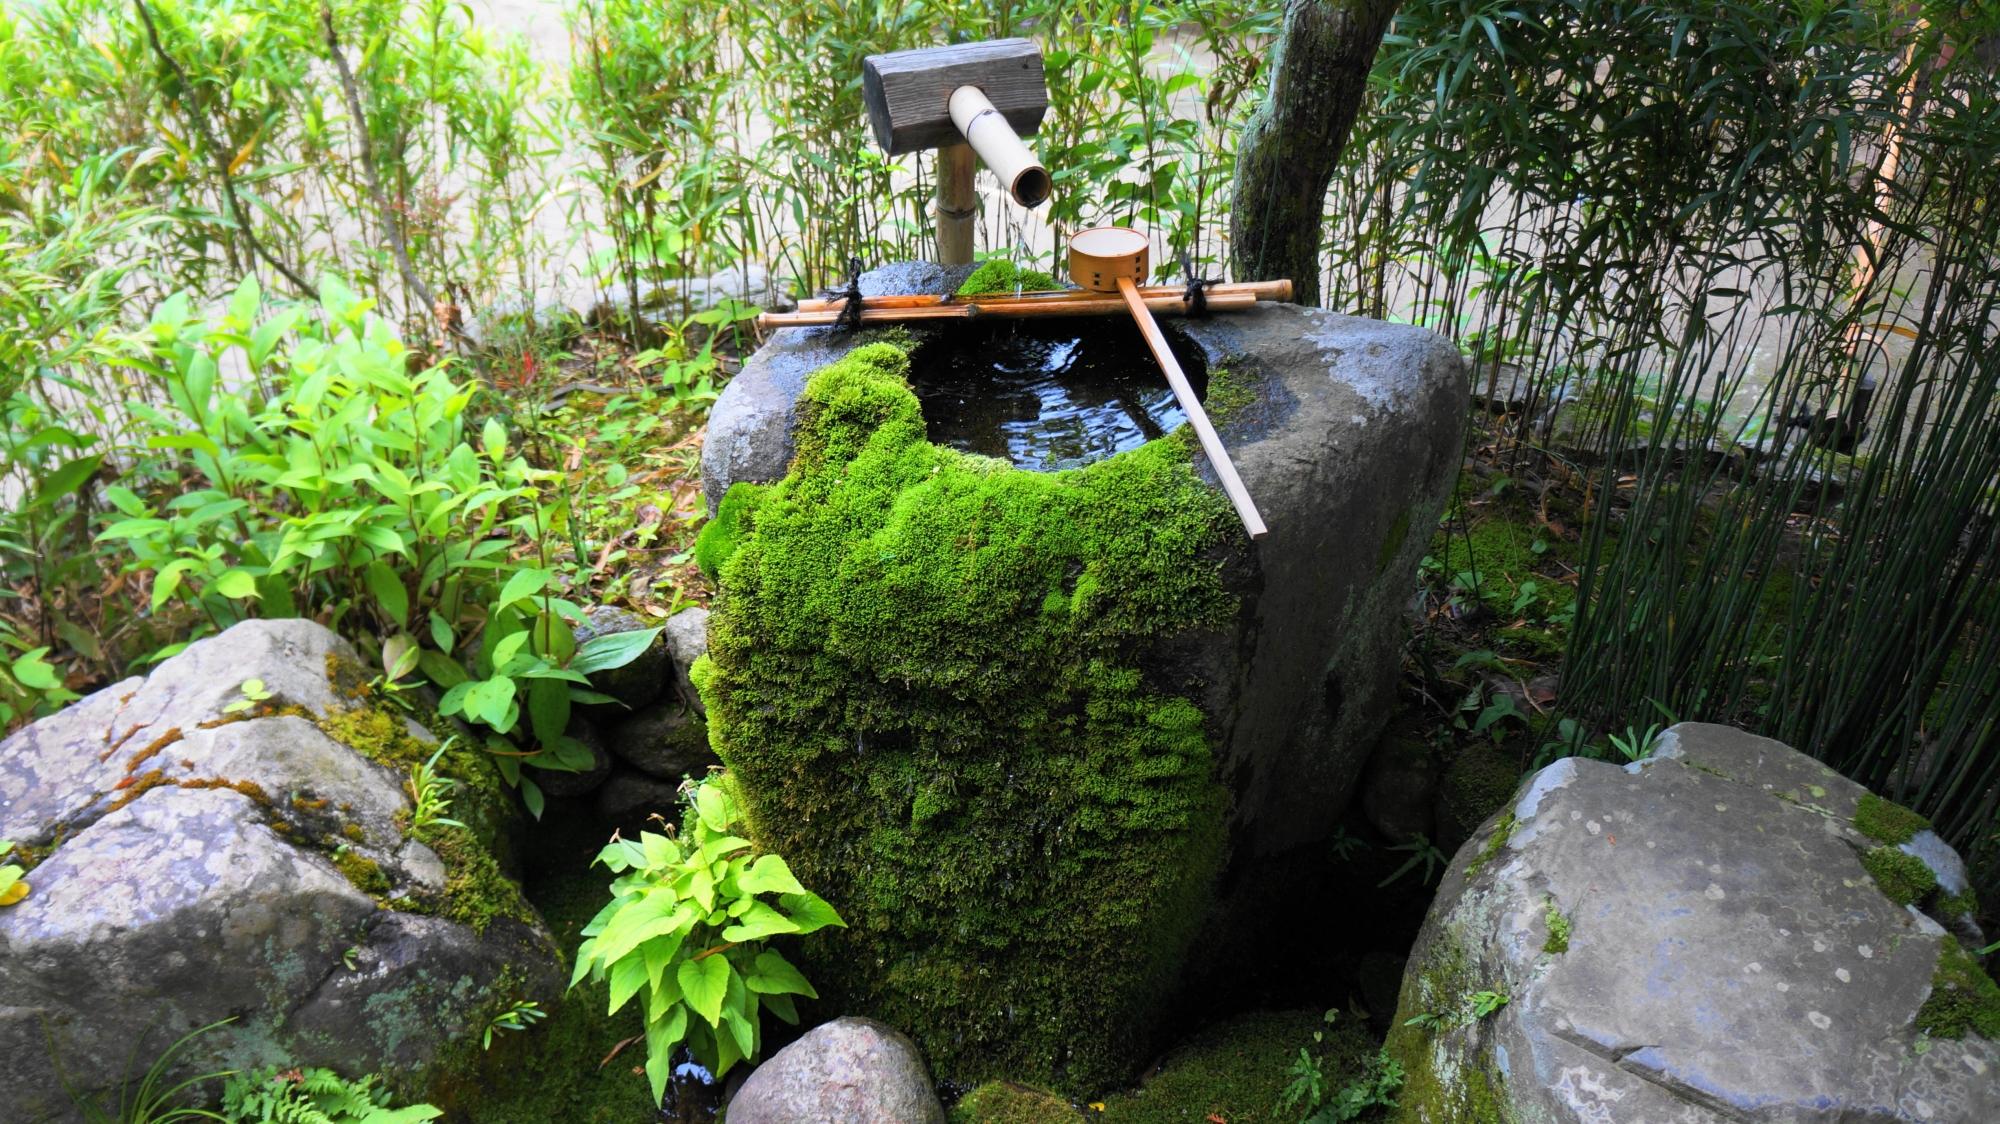 詩仙堂の静かな境内に佇む風情ある手水鉢